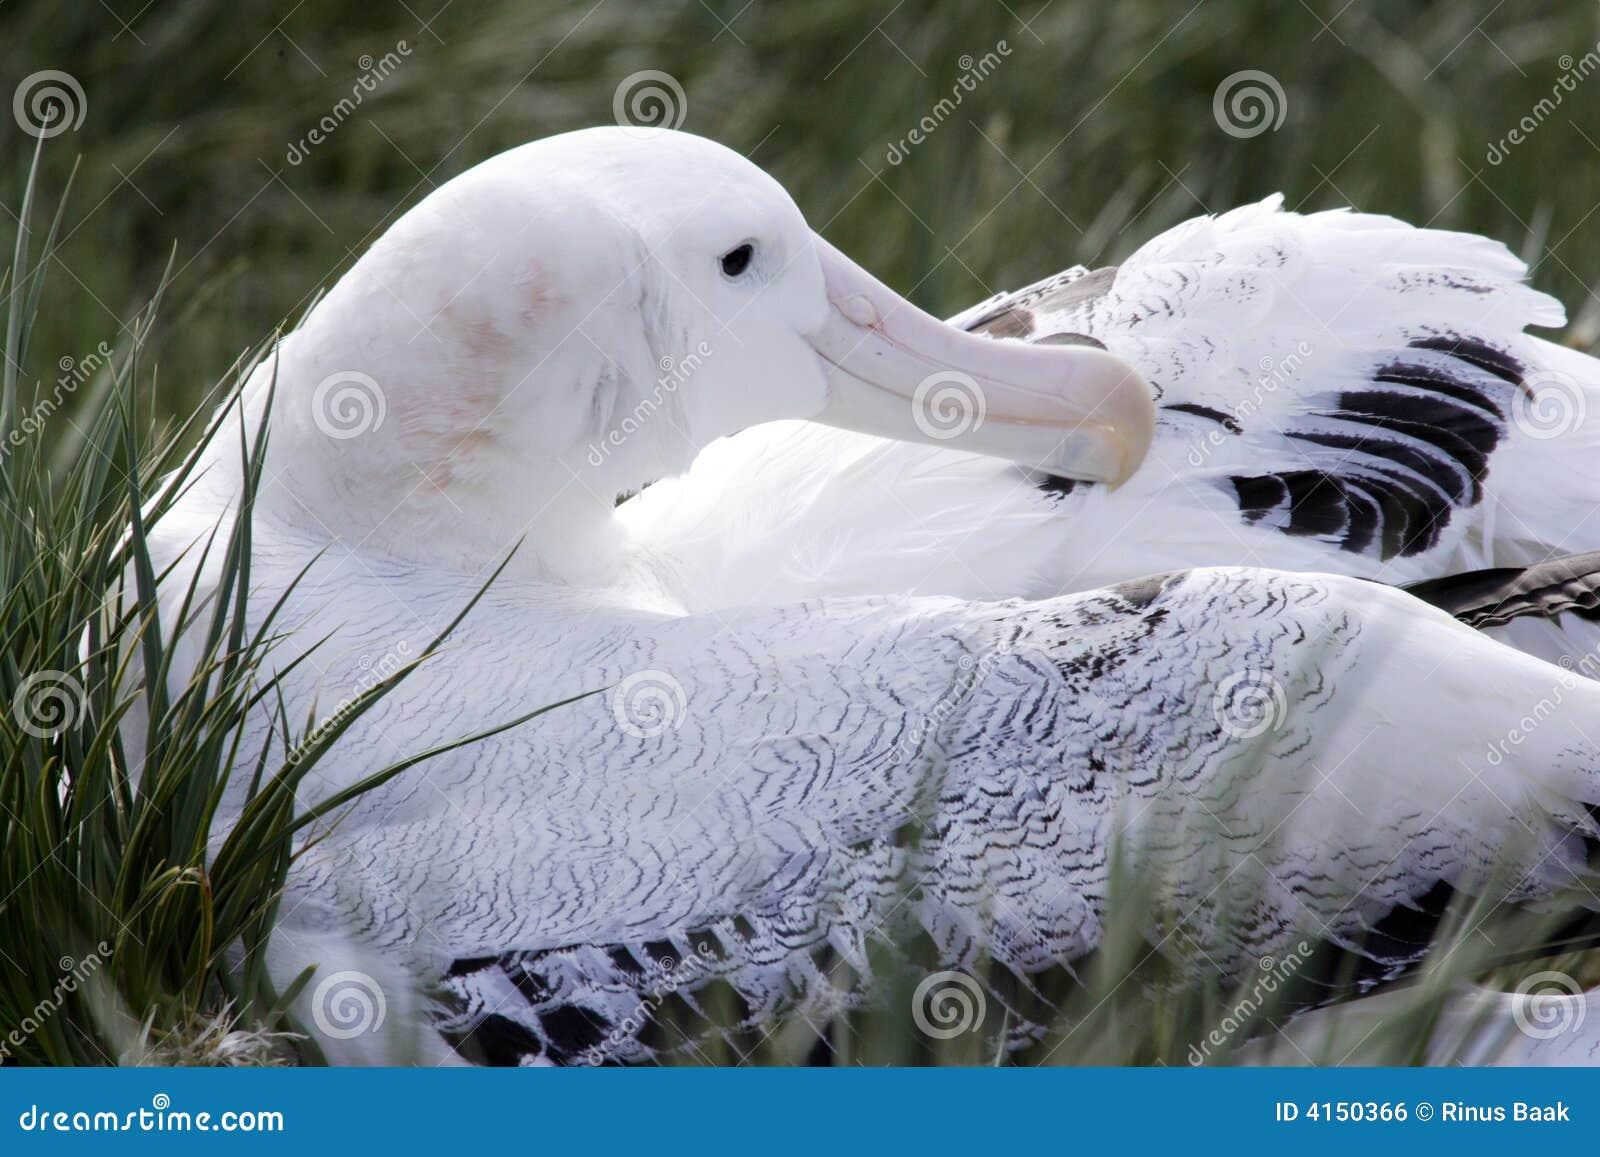 wandering-albatross-nest-4150366 jpgWandering Albatross Nest